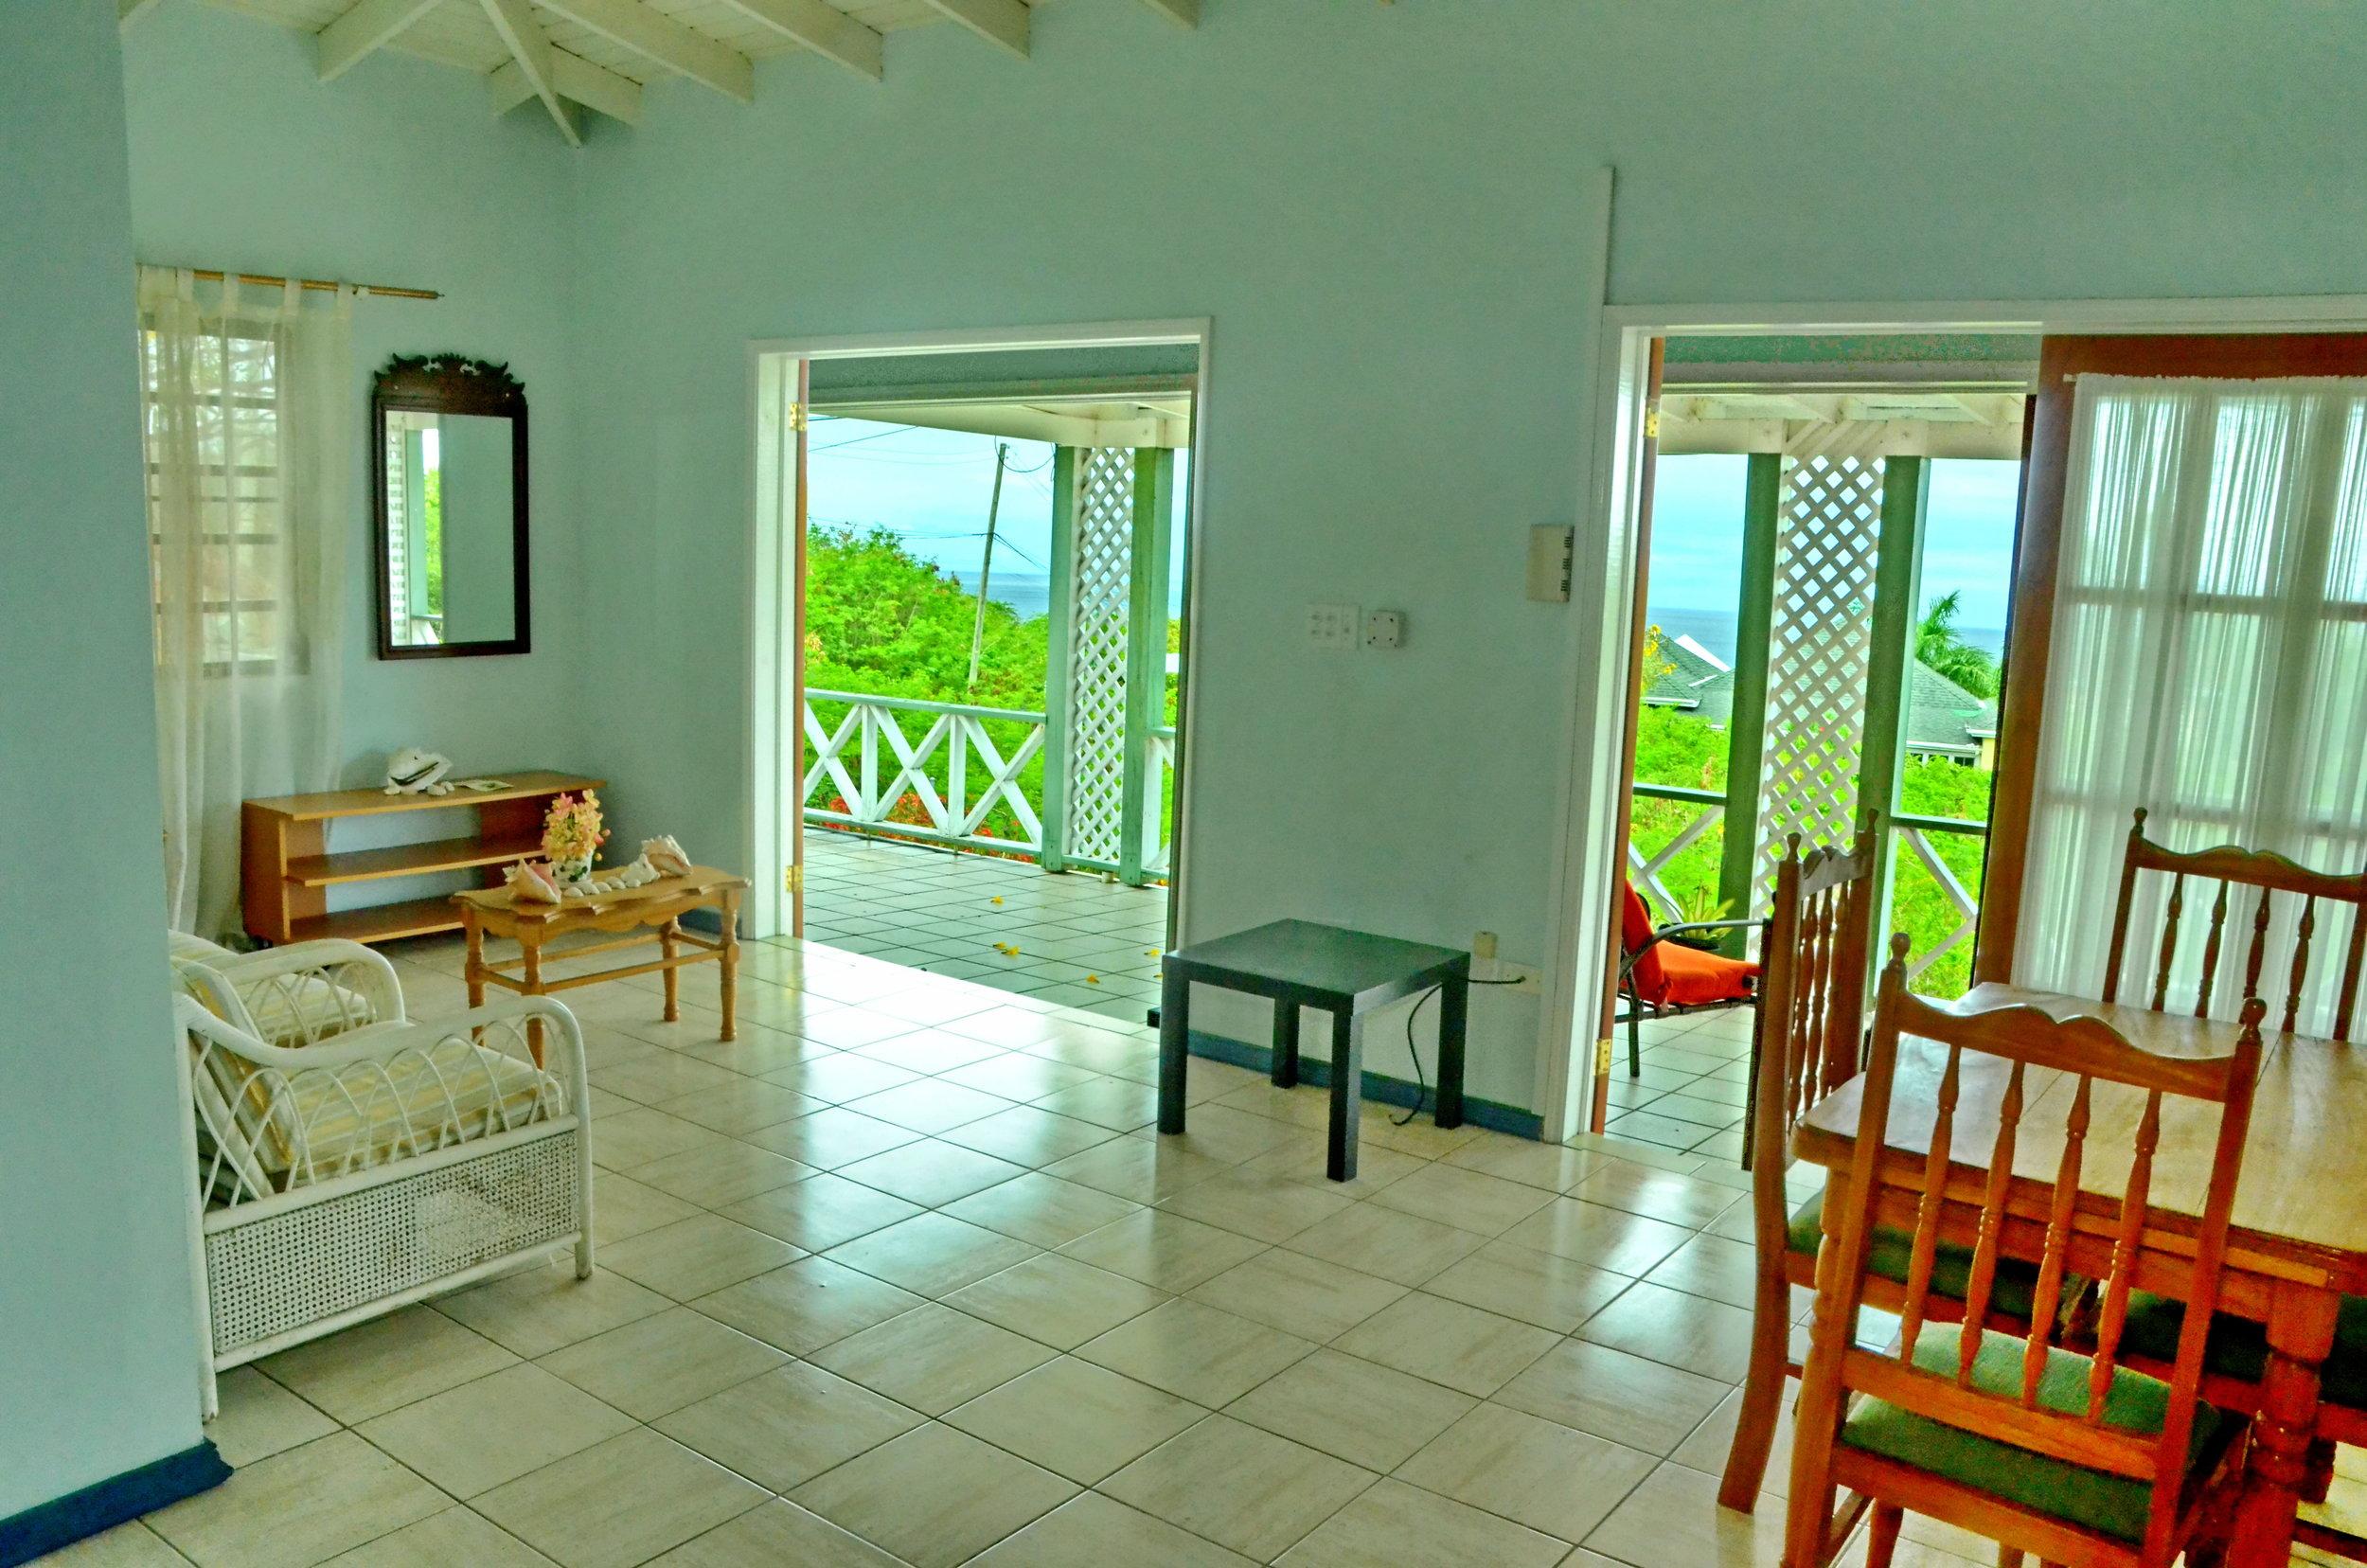 marlin livingroom.JPG